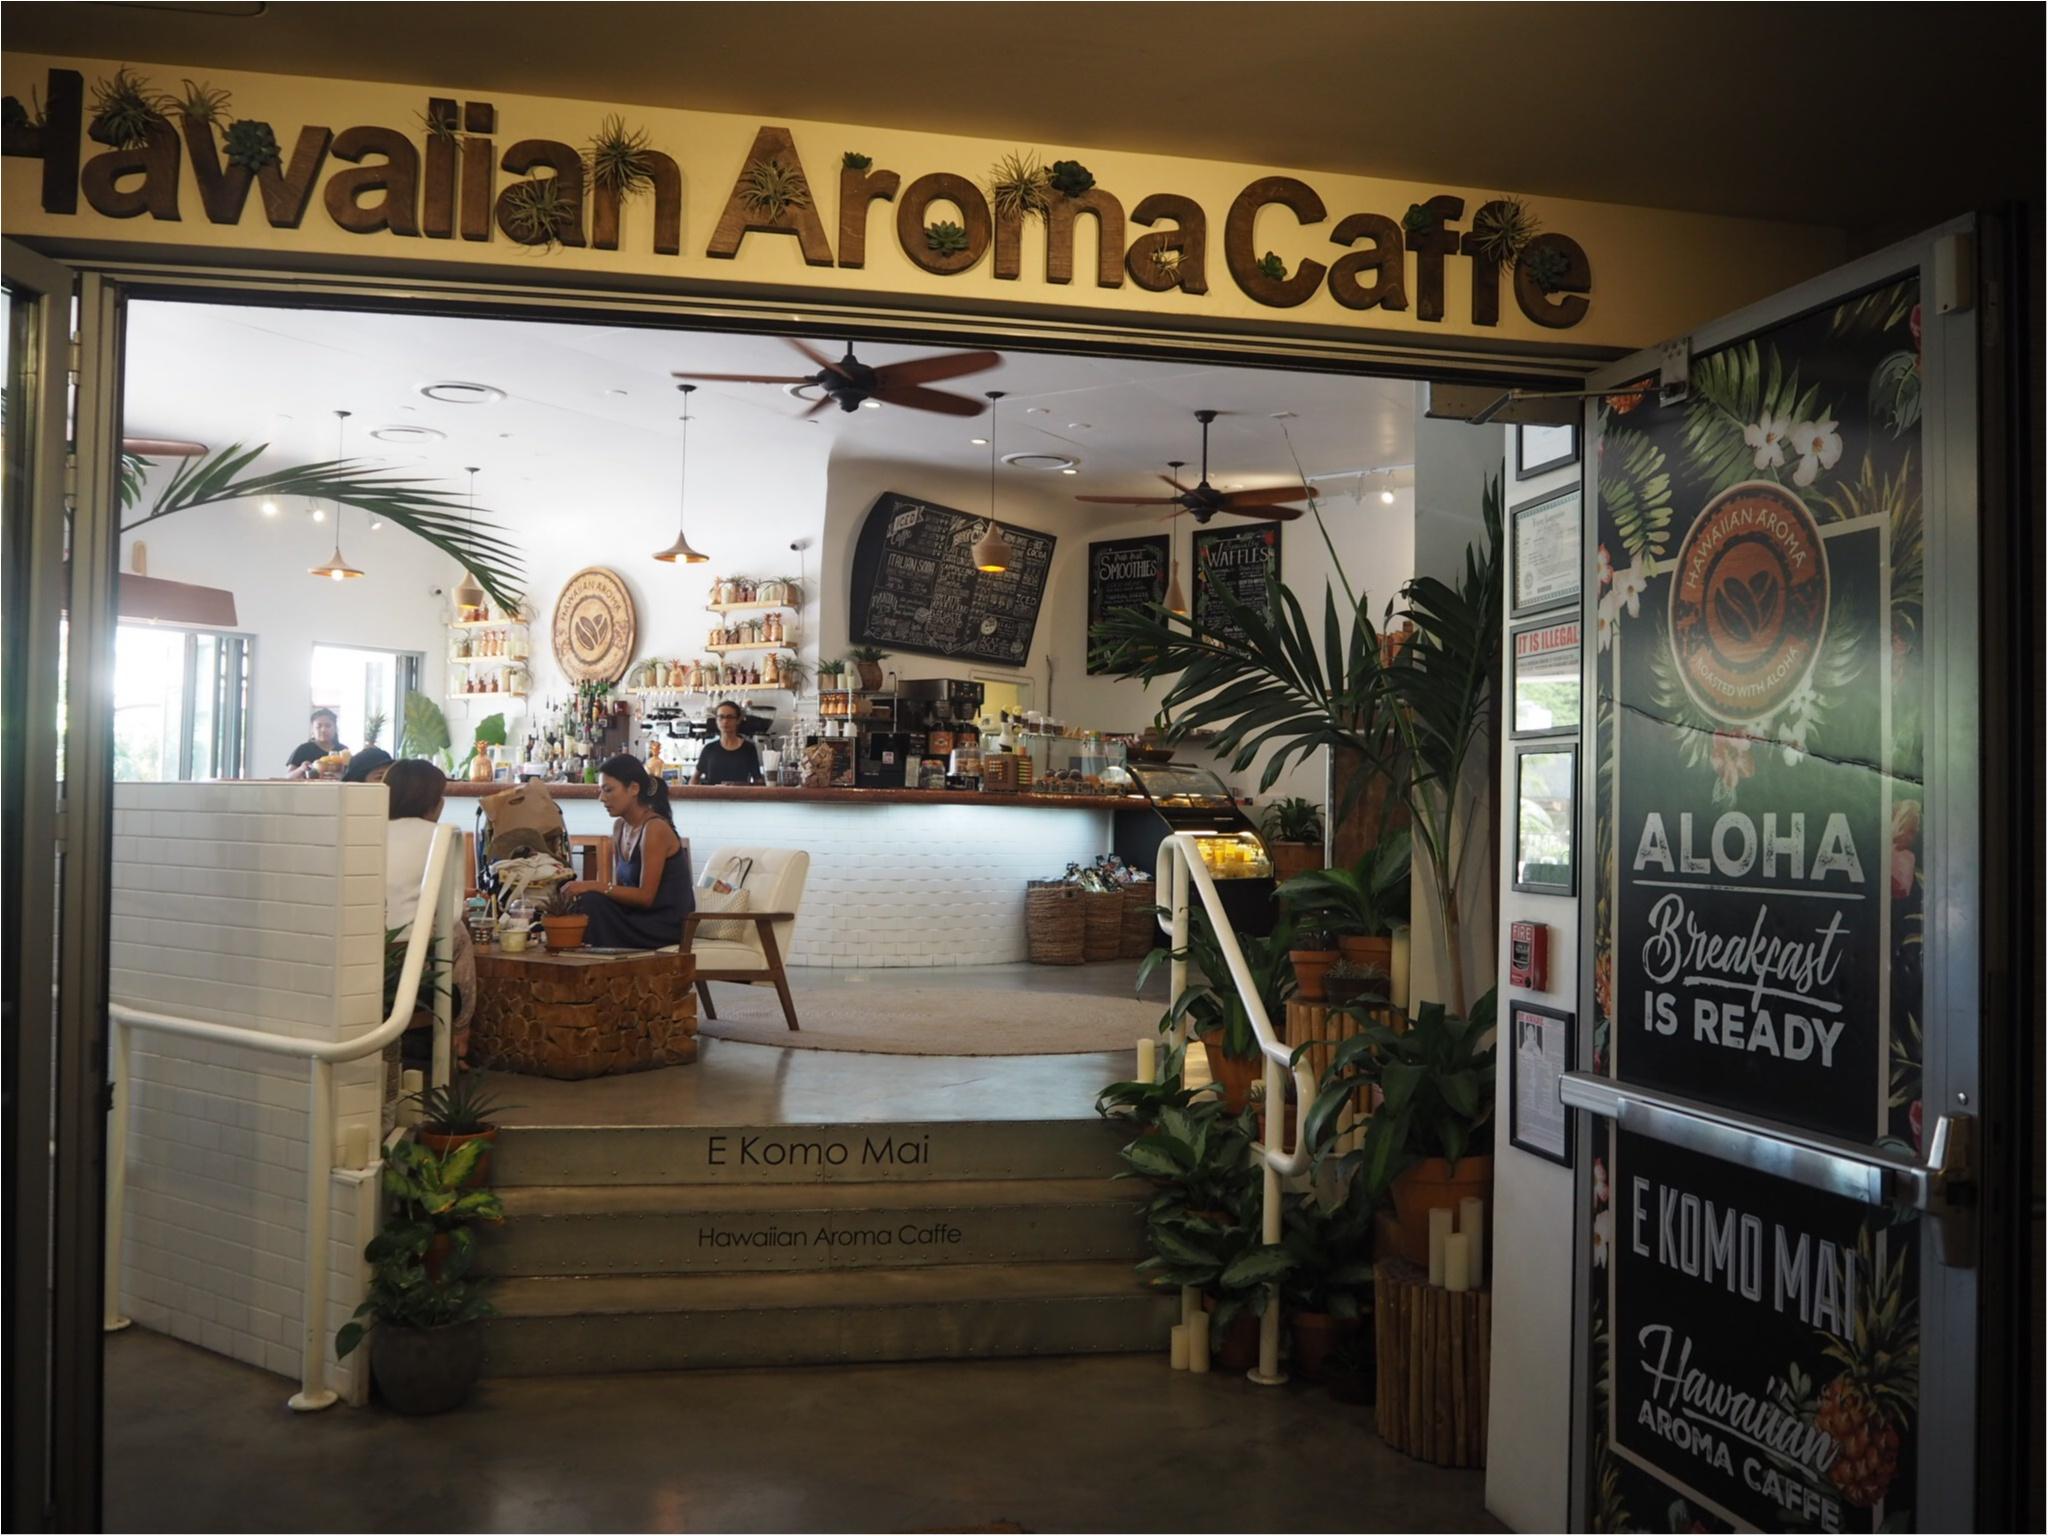 《今、ワイキキで一番オシャレでフォトジェニックなカフェ!》ハワイアン・アロマカフェでまったりブランチ♡♡(&旅行で役に立つプチ英語教室)_3